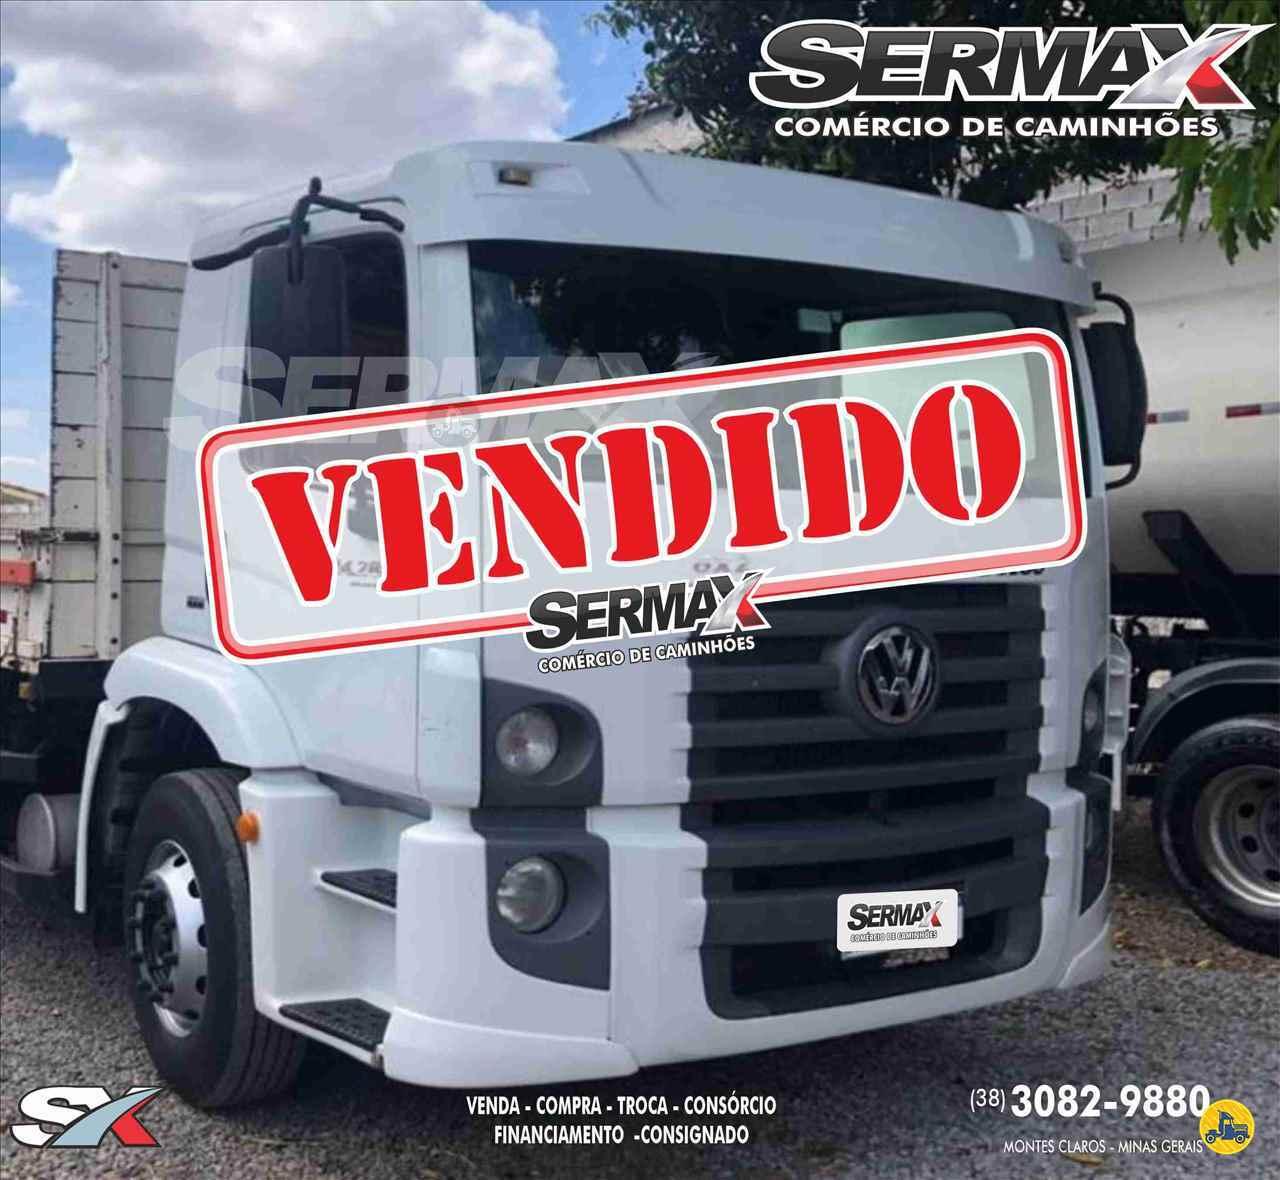 CAMINHAO VOLKSWAGEN VW 24280 Carga Seca Toco 4x2 Sermax Caminhões MONTES CLAROS MINAS GERAIS MG